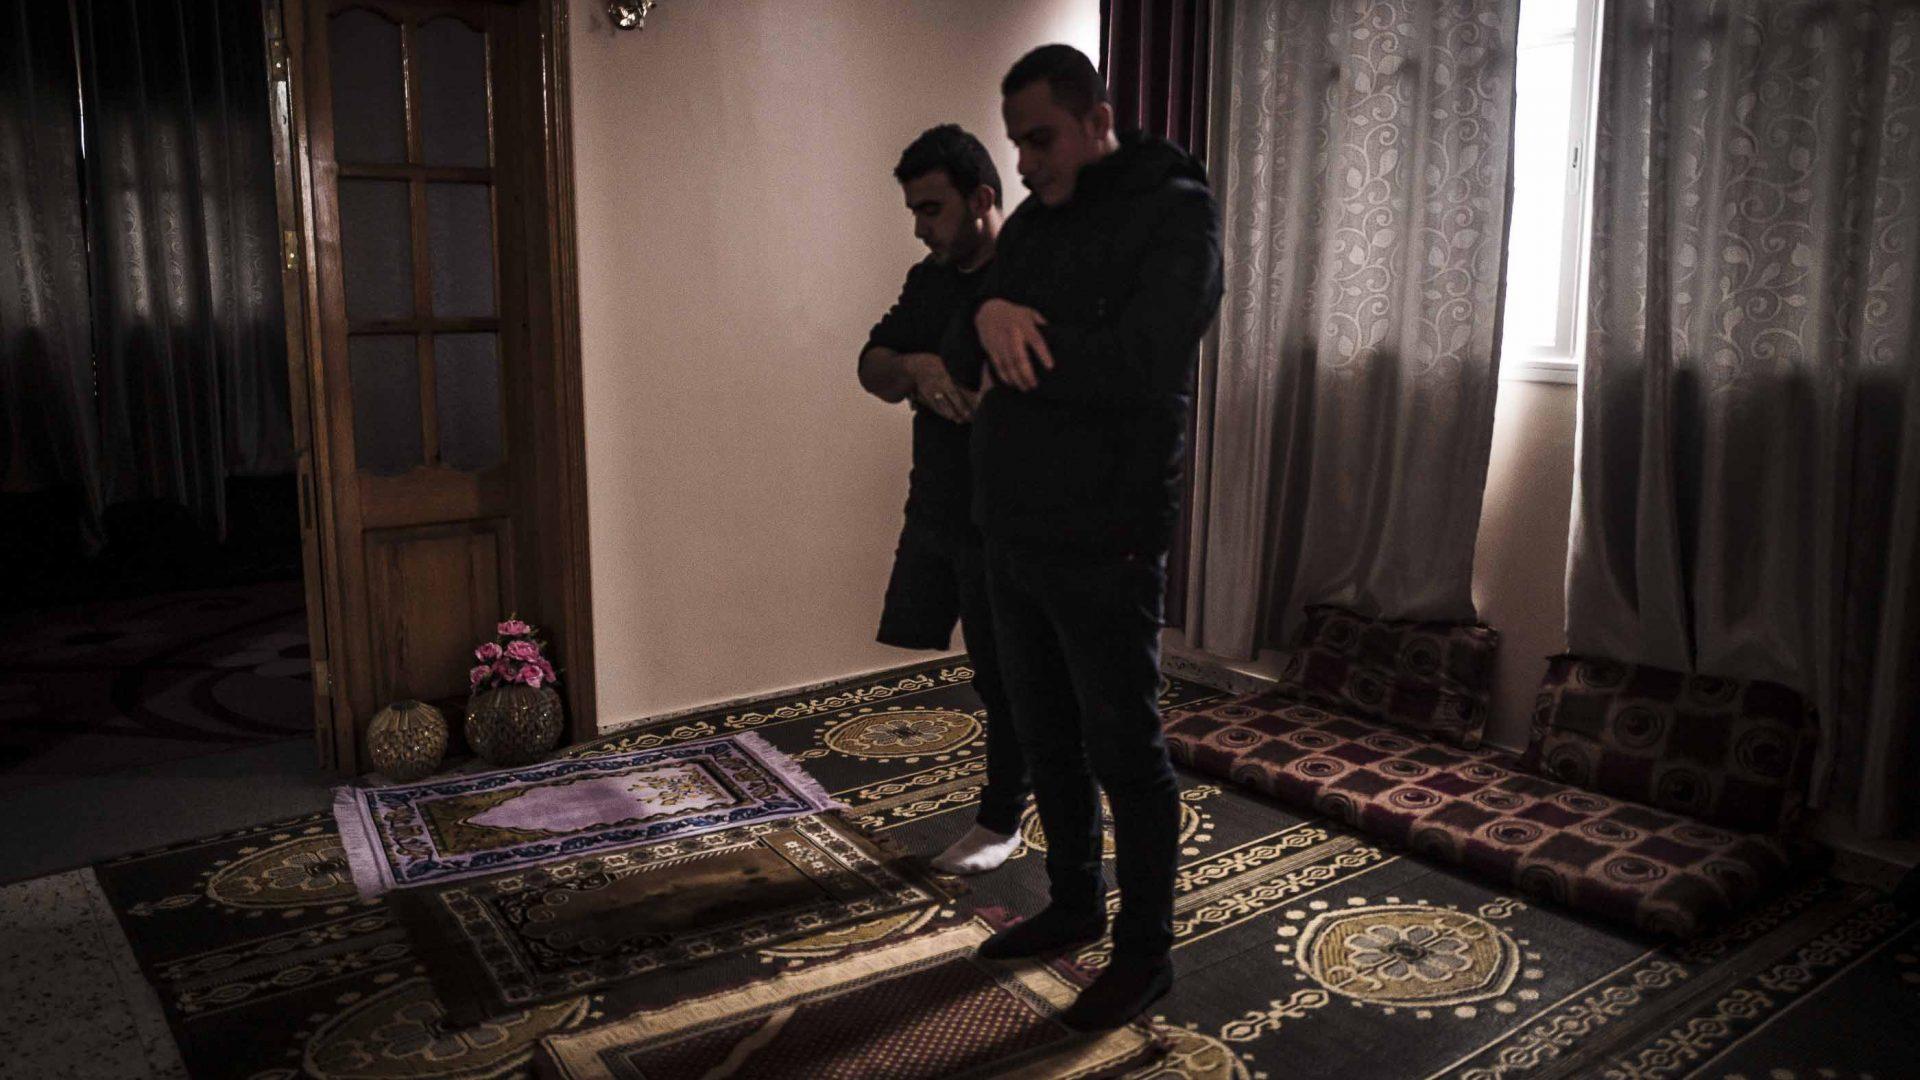 Two men pray at home in Gaza.